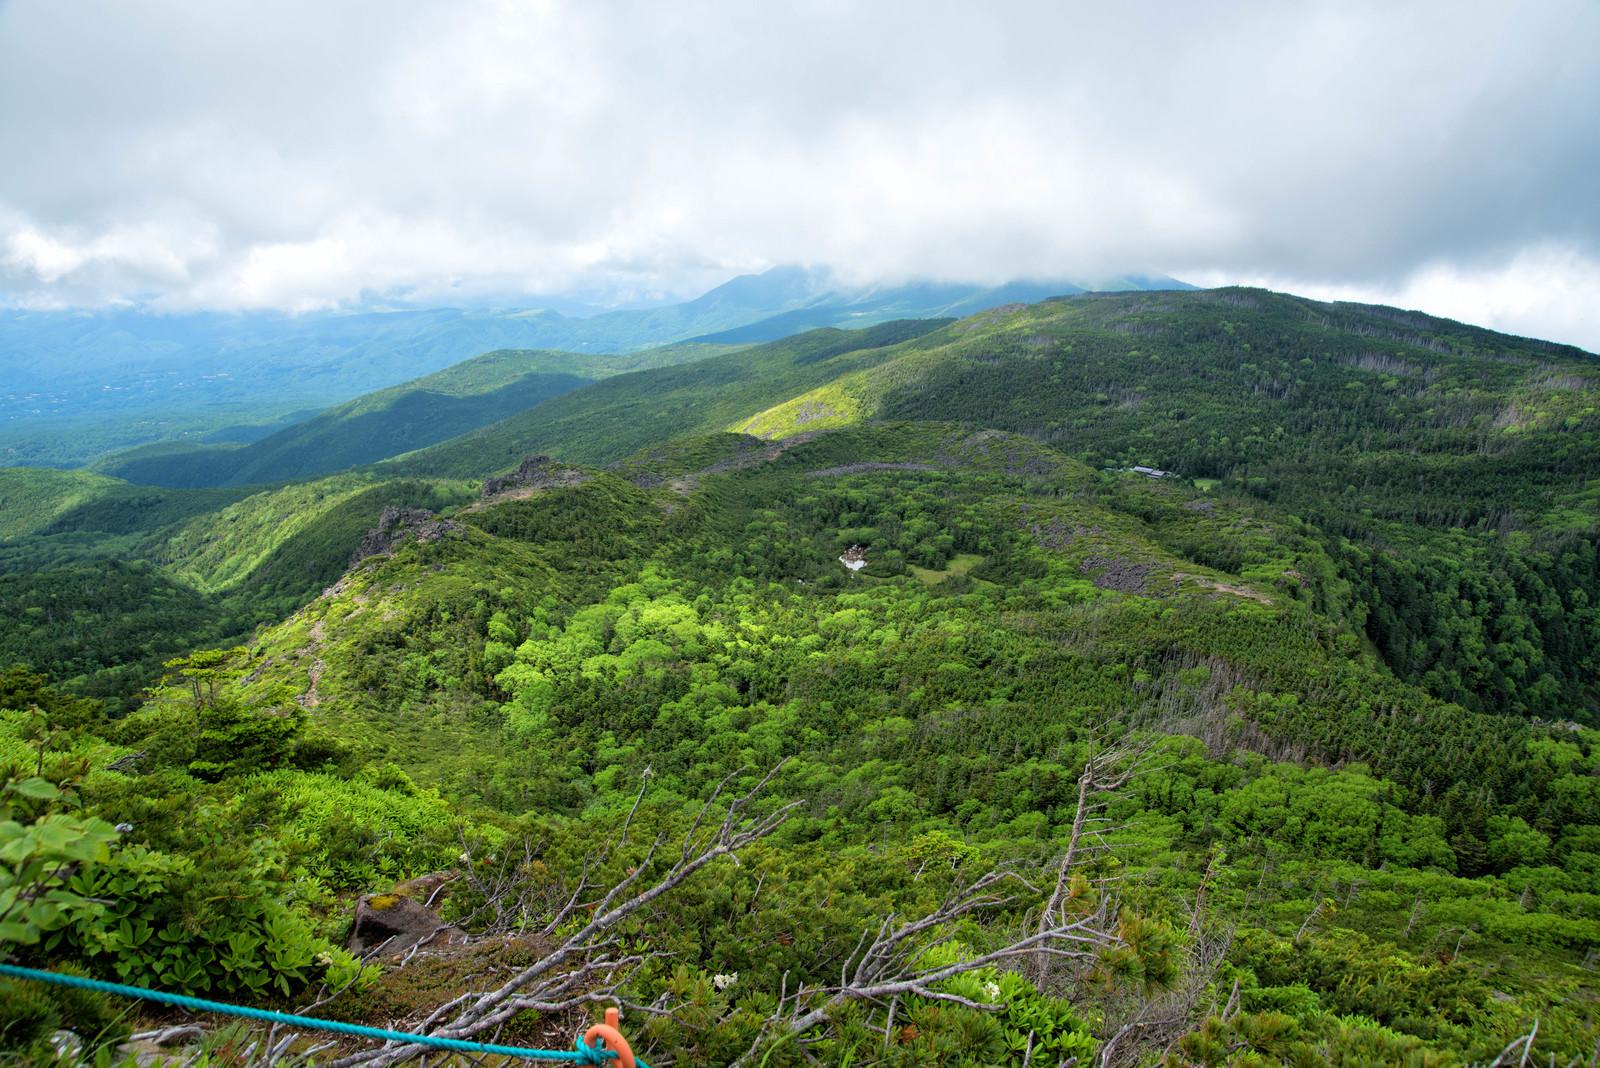 「東天狗岳山頂から俯瞰した北八ヶ岳の森」の写真